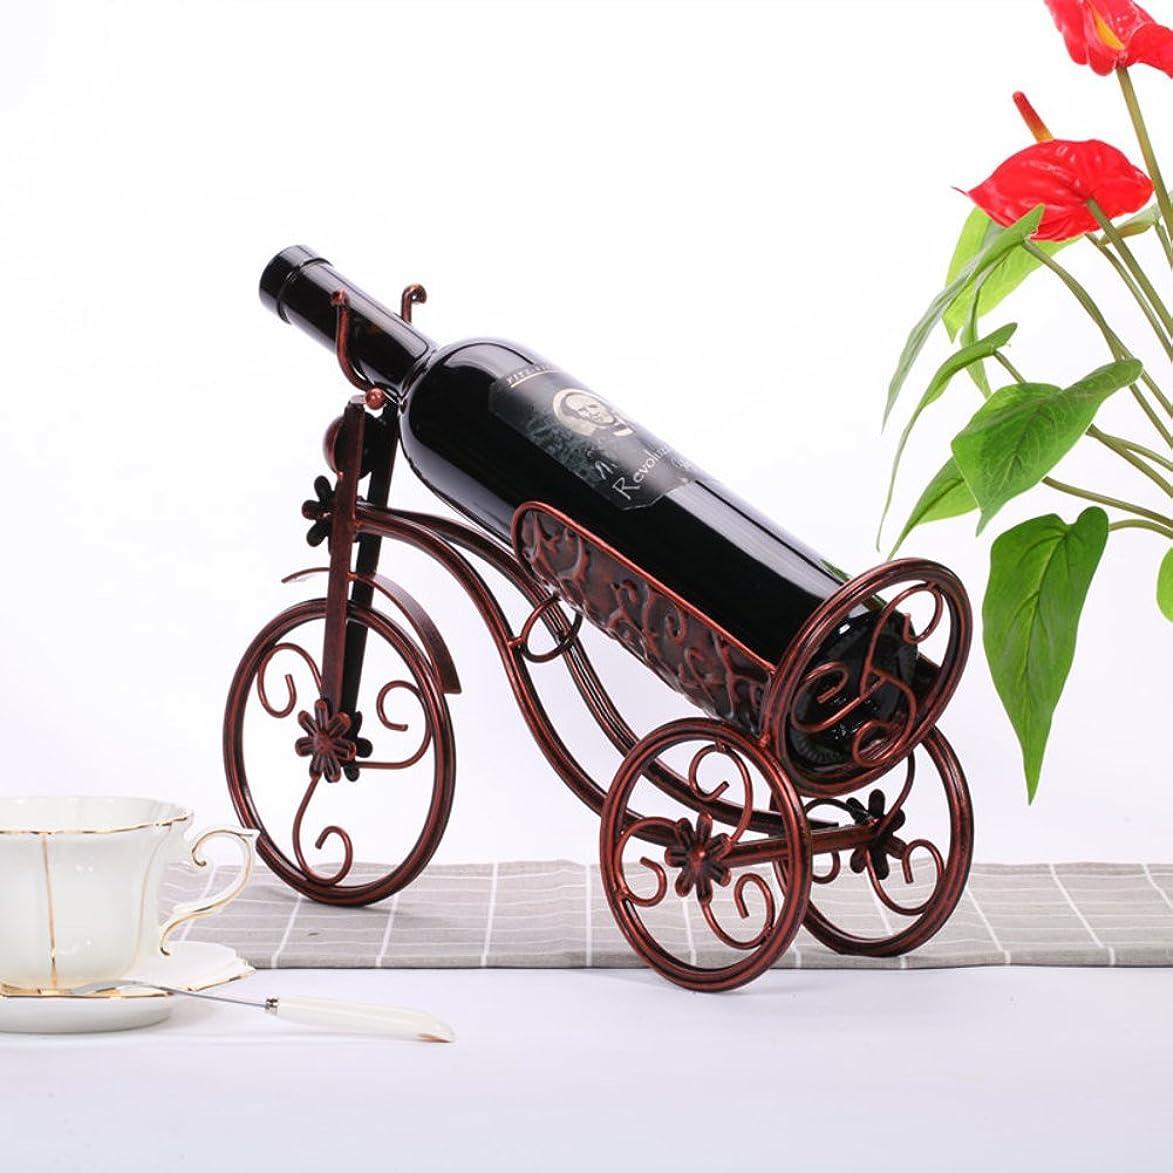 干渉する浴モンゴメリーYBDXMM キャリッジ ワインボトル ホルダー 鉄] な クリエイティブ スタイリッシュ 装飾] ワイン棚 家計] 装飾 装飾 バー ワインの表示 スタンド プレゼント シニア ワイン ラック-ブロンズ